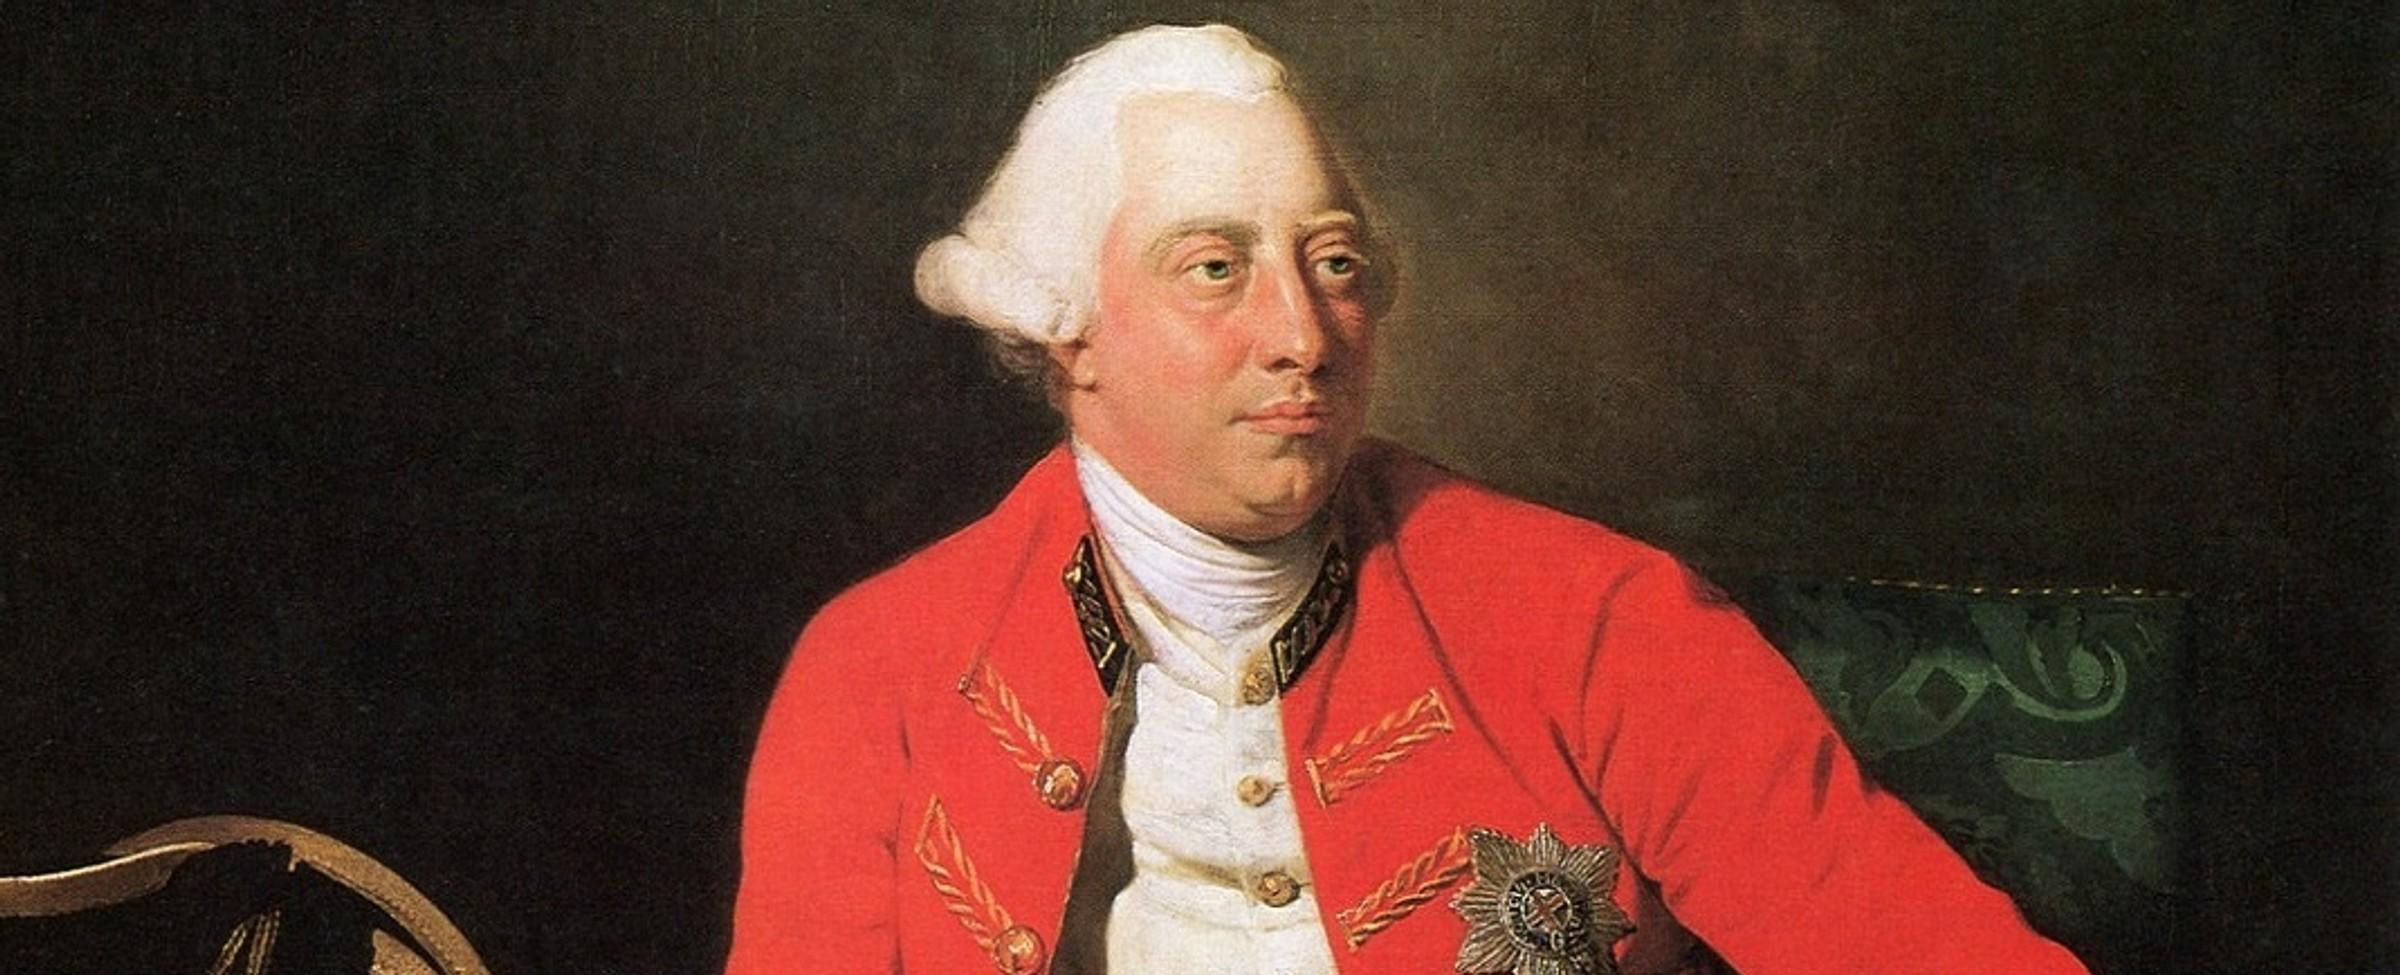 Král Jiří III. - Moc a šílenství